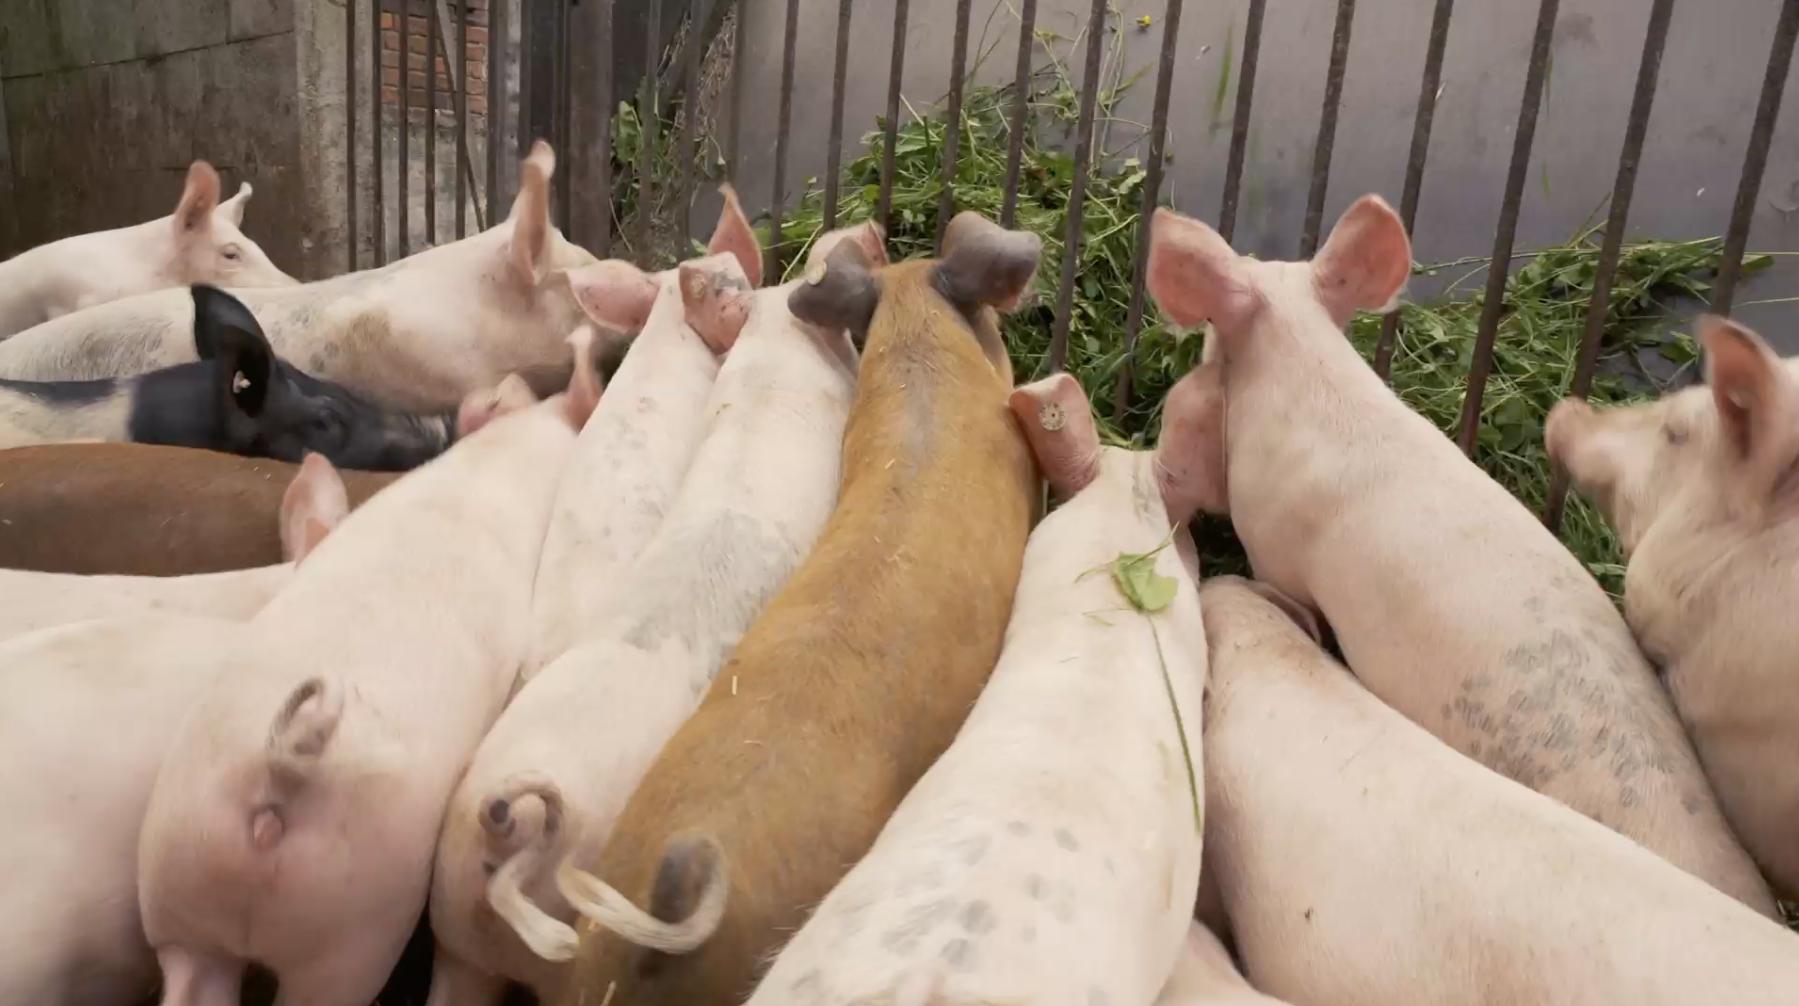 Die TUI Cruises Kleeschweine werden mit frischem Kleegras gefüttert